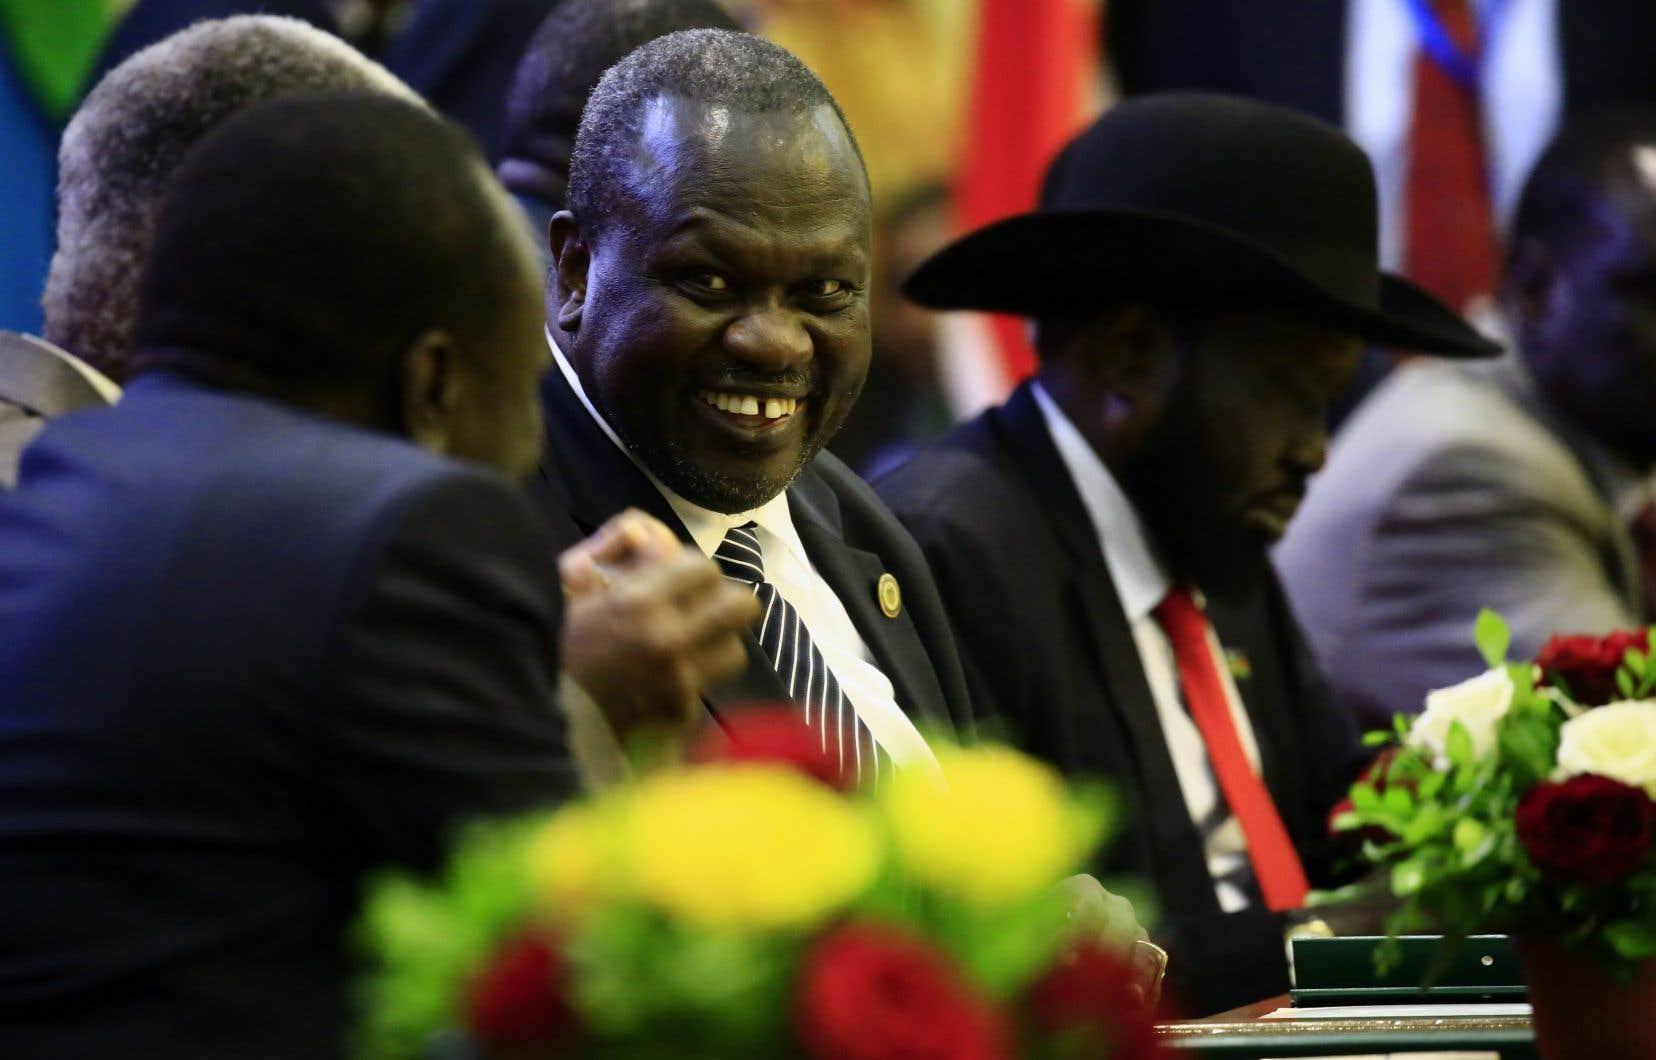 Le Soudan du Sud s'est enfoncé dans une guerre civile fin 2013 quand Salva Kiir a accusé son vice-président Riek Machar de fomenter un coup d'État.